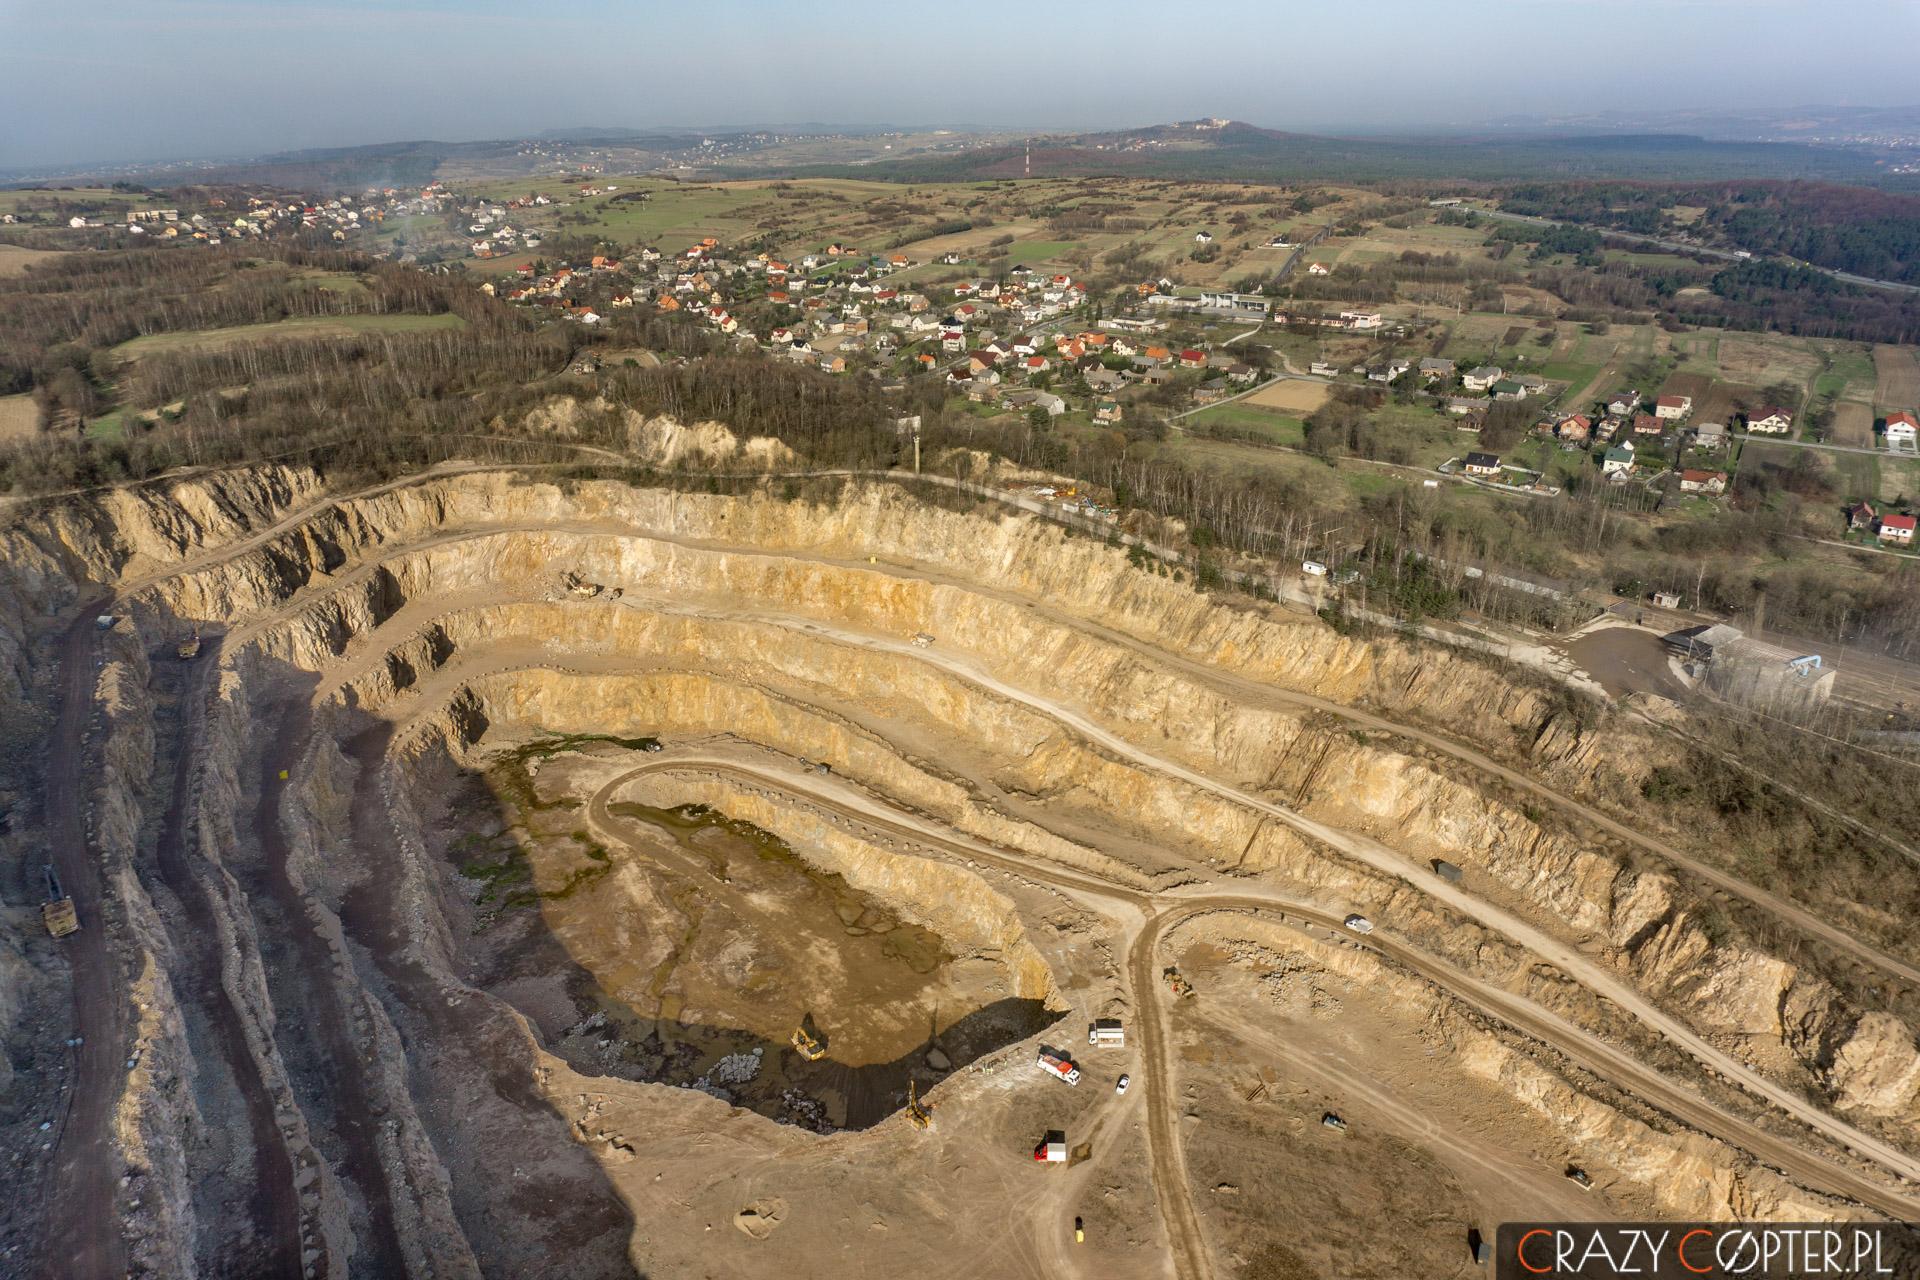 Zdjęcia przemysłowe - poglądowe zdjęcie zdrona kopalni odkrywkowej